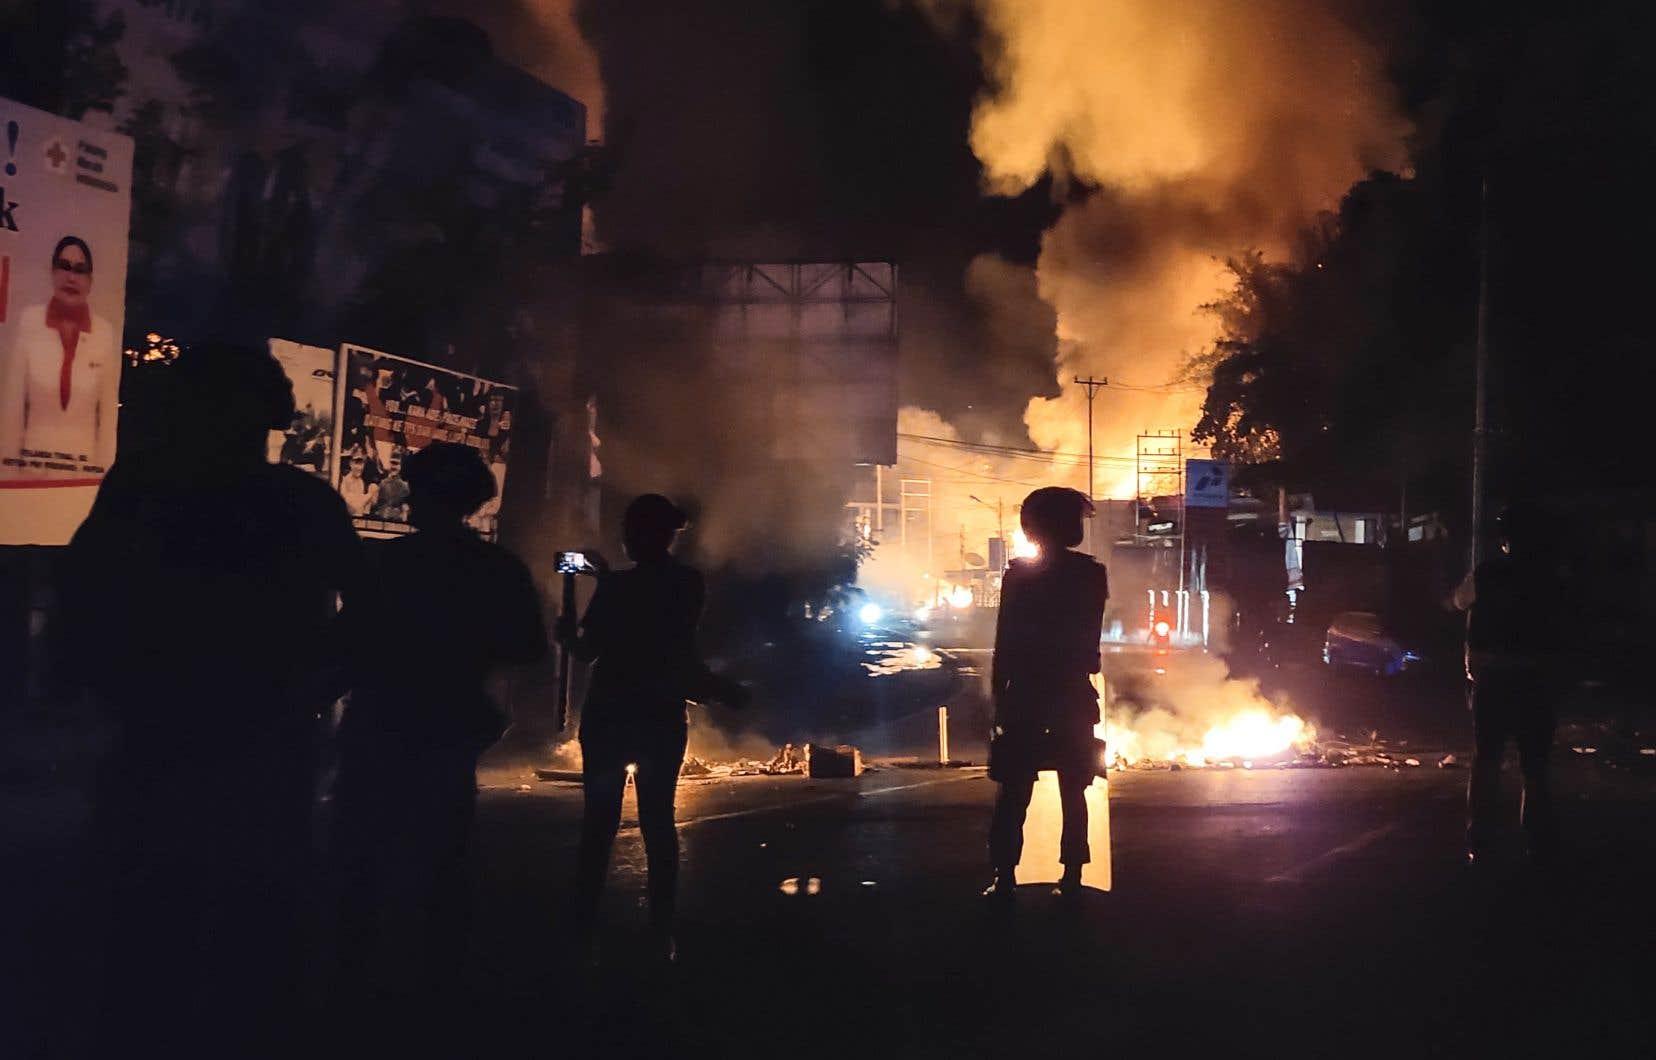 Plusieurs centaines de manifestants se sont rassemblés dans la ville de Jayapura, et certains ont mis le feu à une assemblée régionale et ont lancé des pierres sur des commerces et des hôtels.